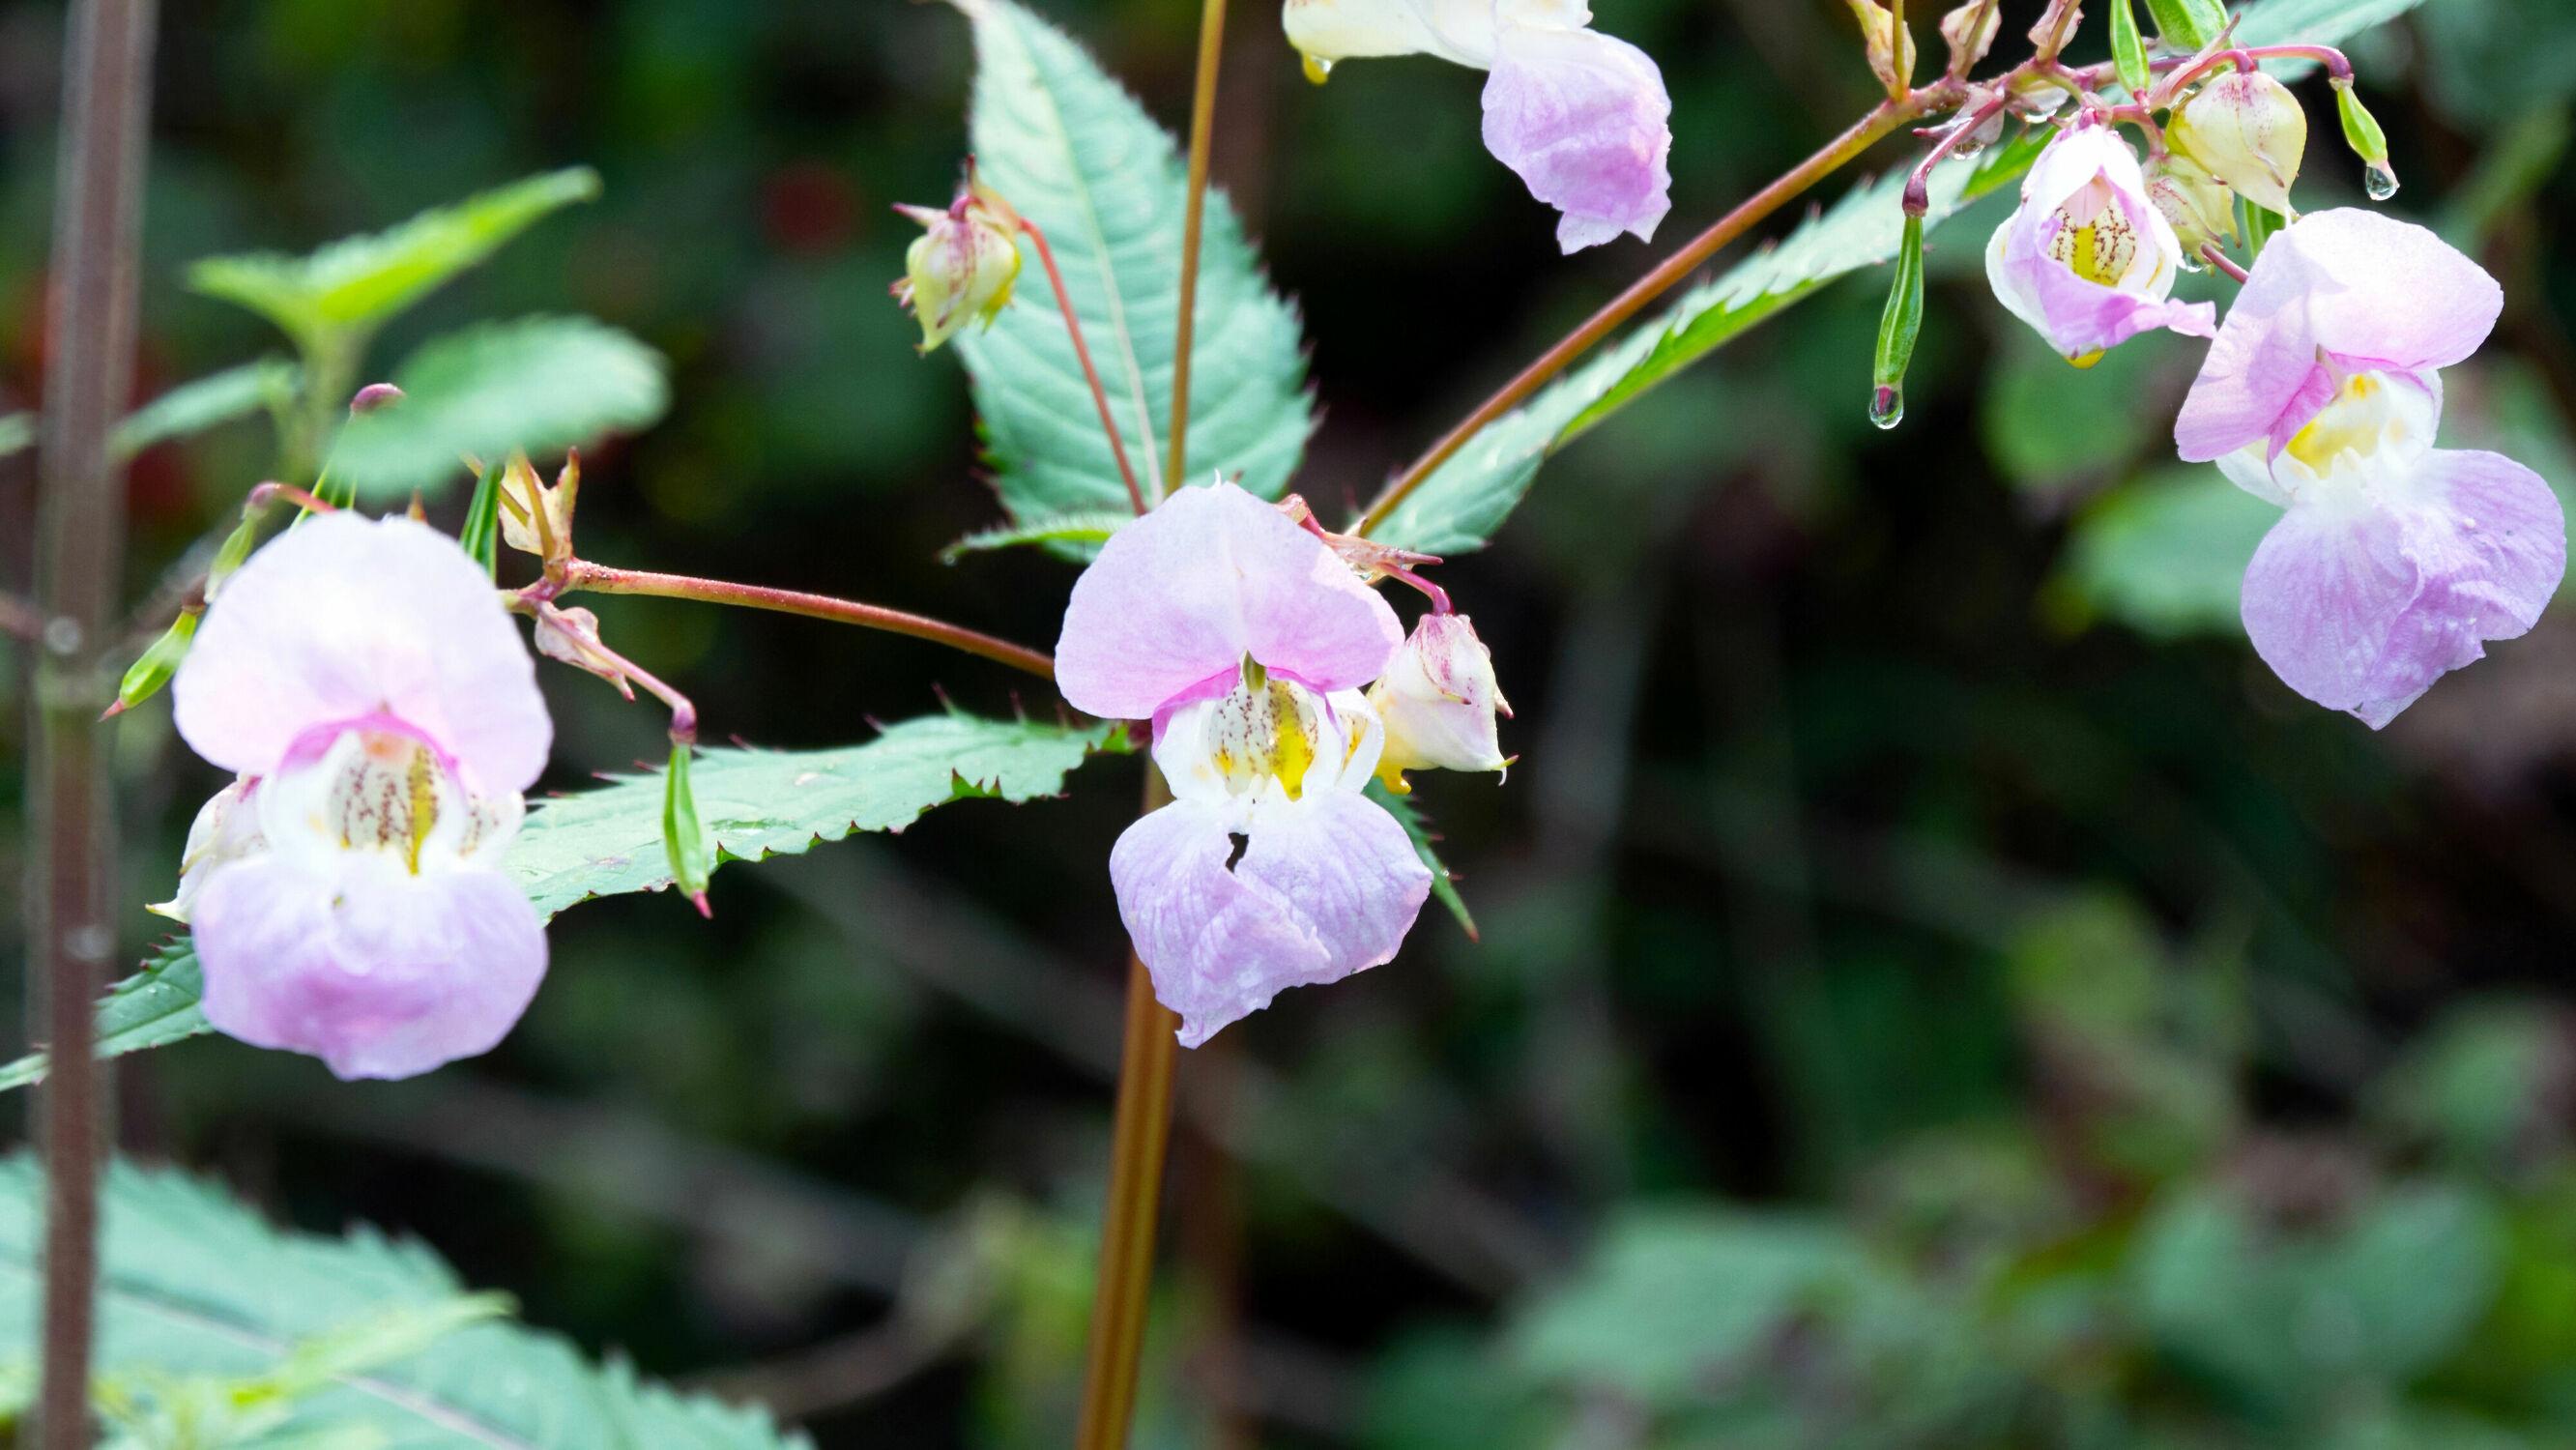 Bild mit Orchideen, Wald, Blick in den Wald, Makrofotografie, Blühend, schön, grüne Blätter